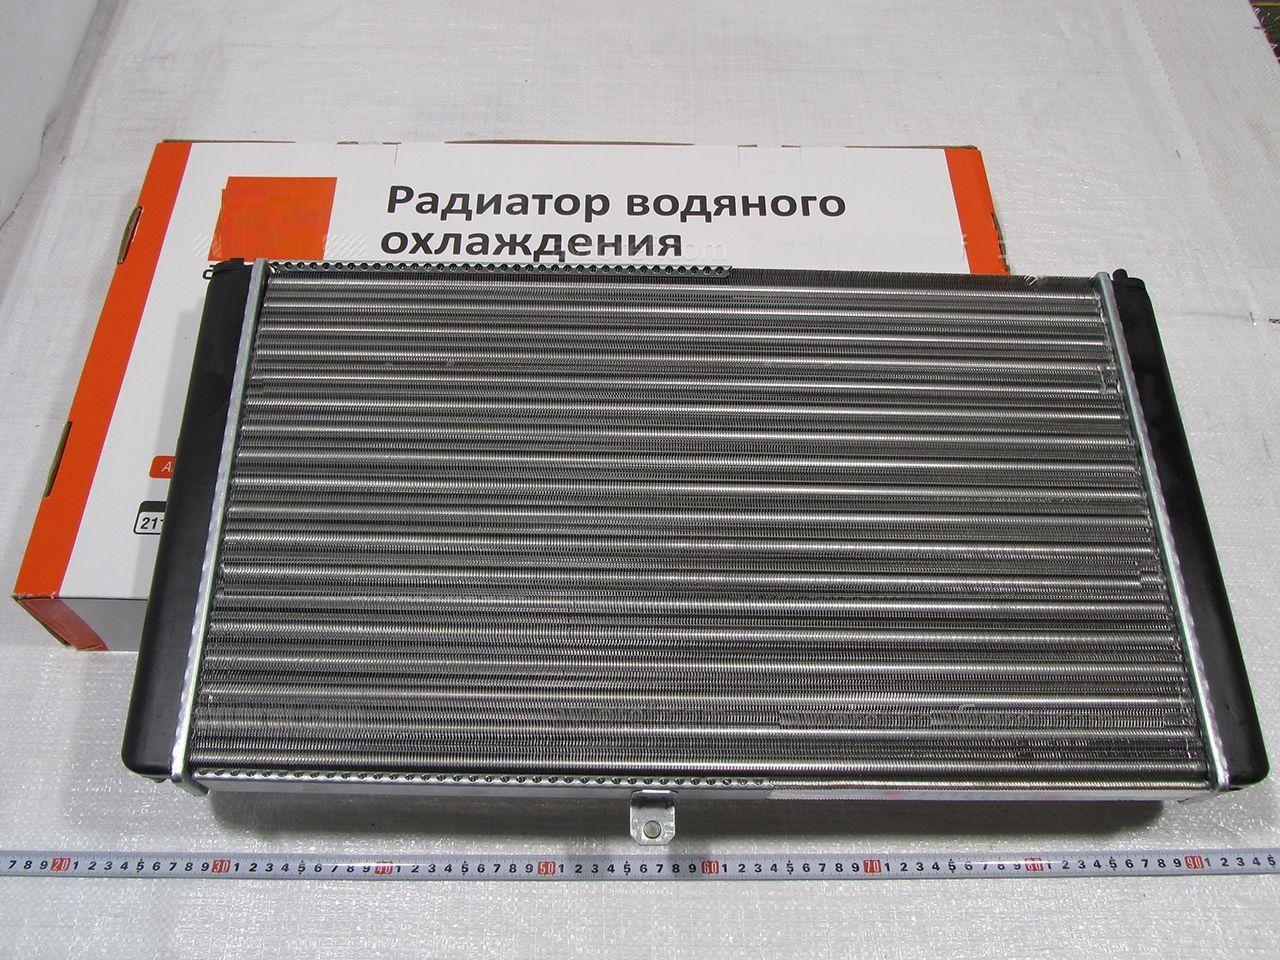 Радіатор вод. охо. ВАЗ 2110,-11,-12 (інж) (вир-во ДААЗ), 21120-130101210